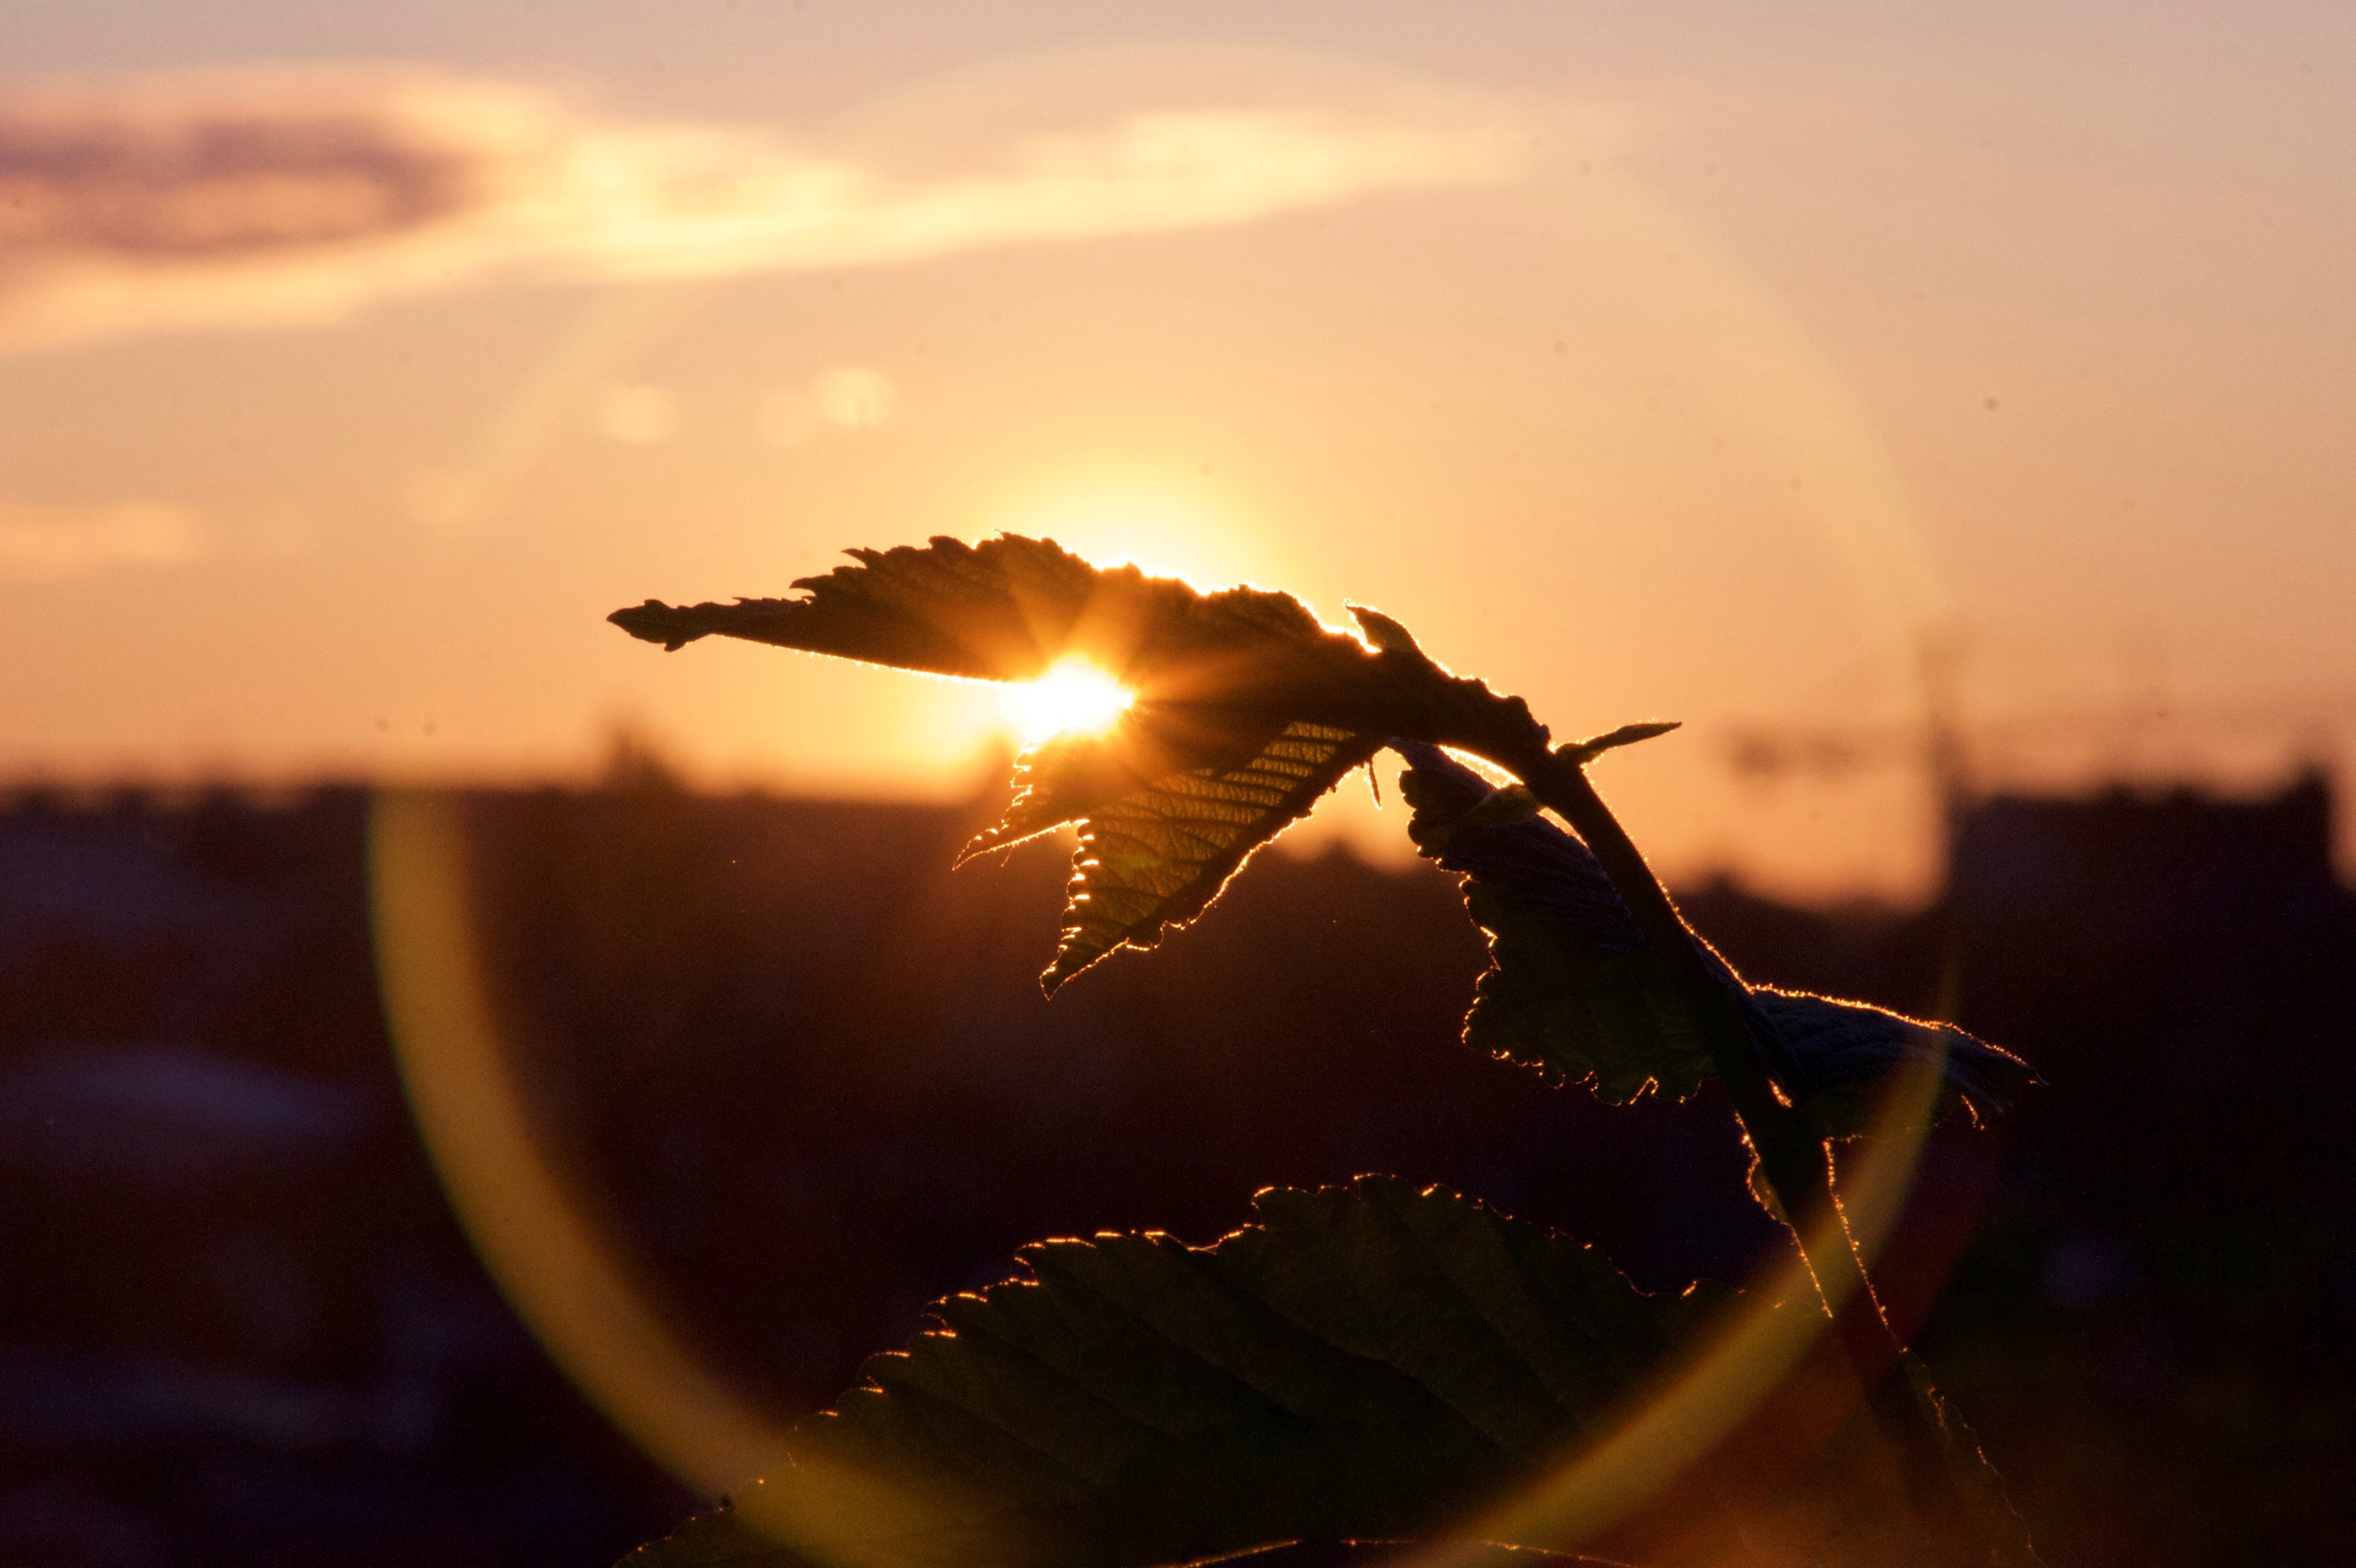 Free stock photo of leaf, sunrise